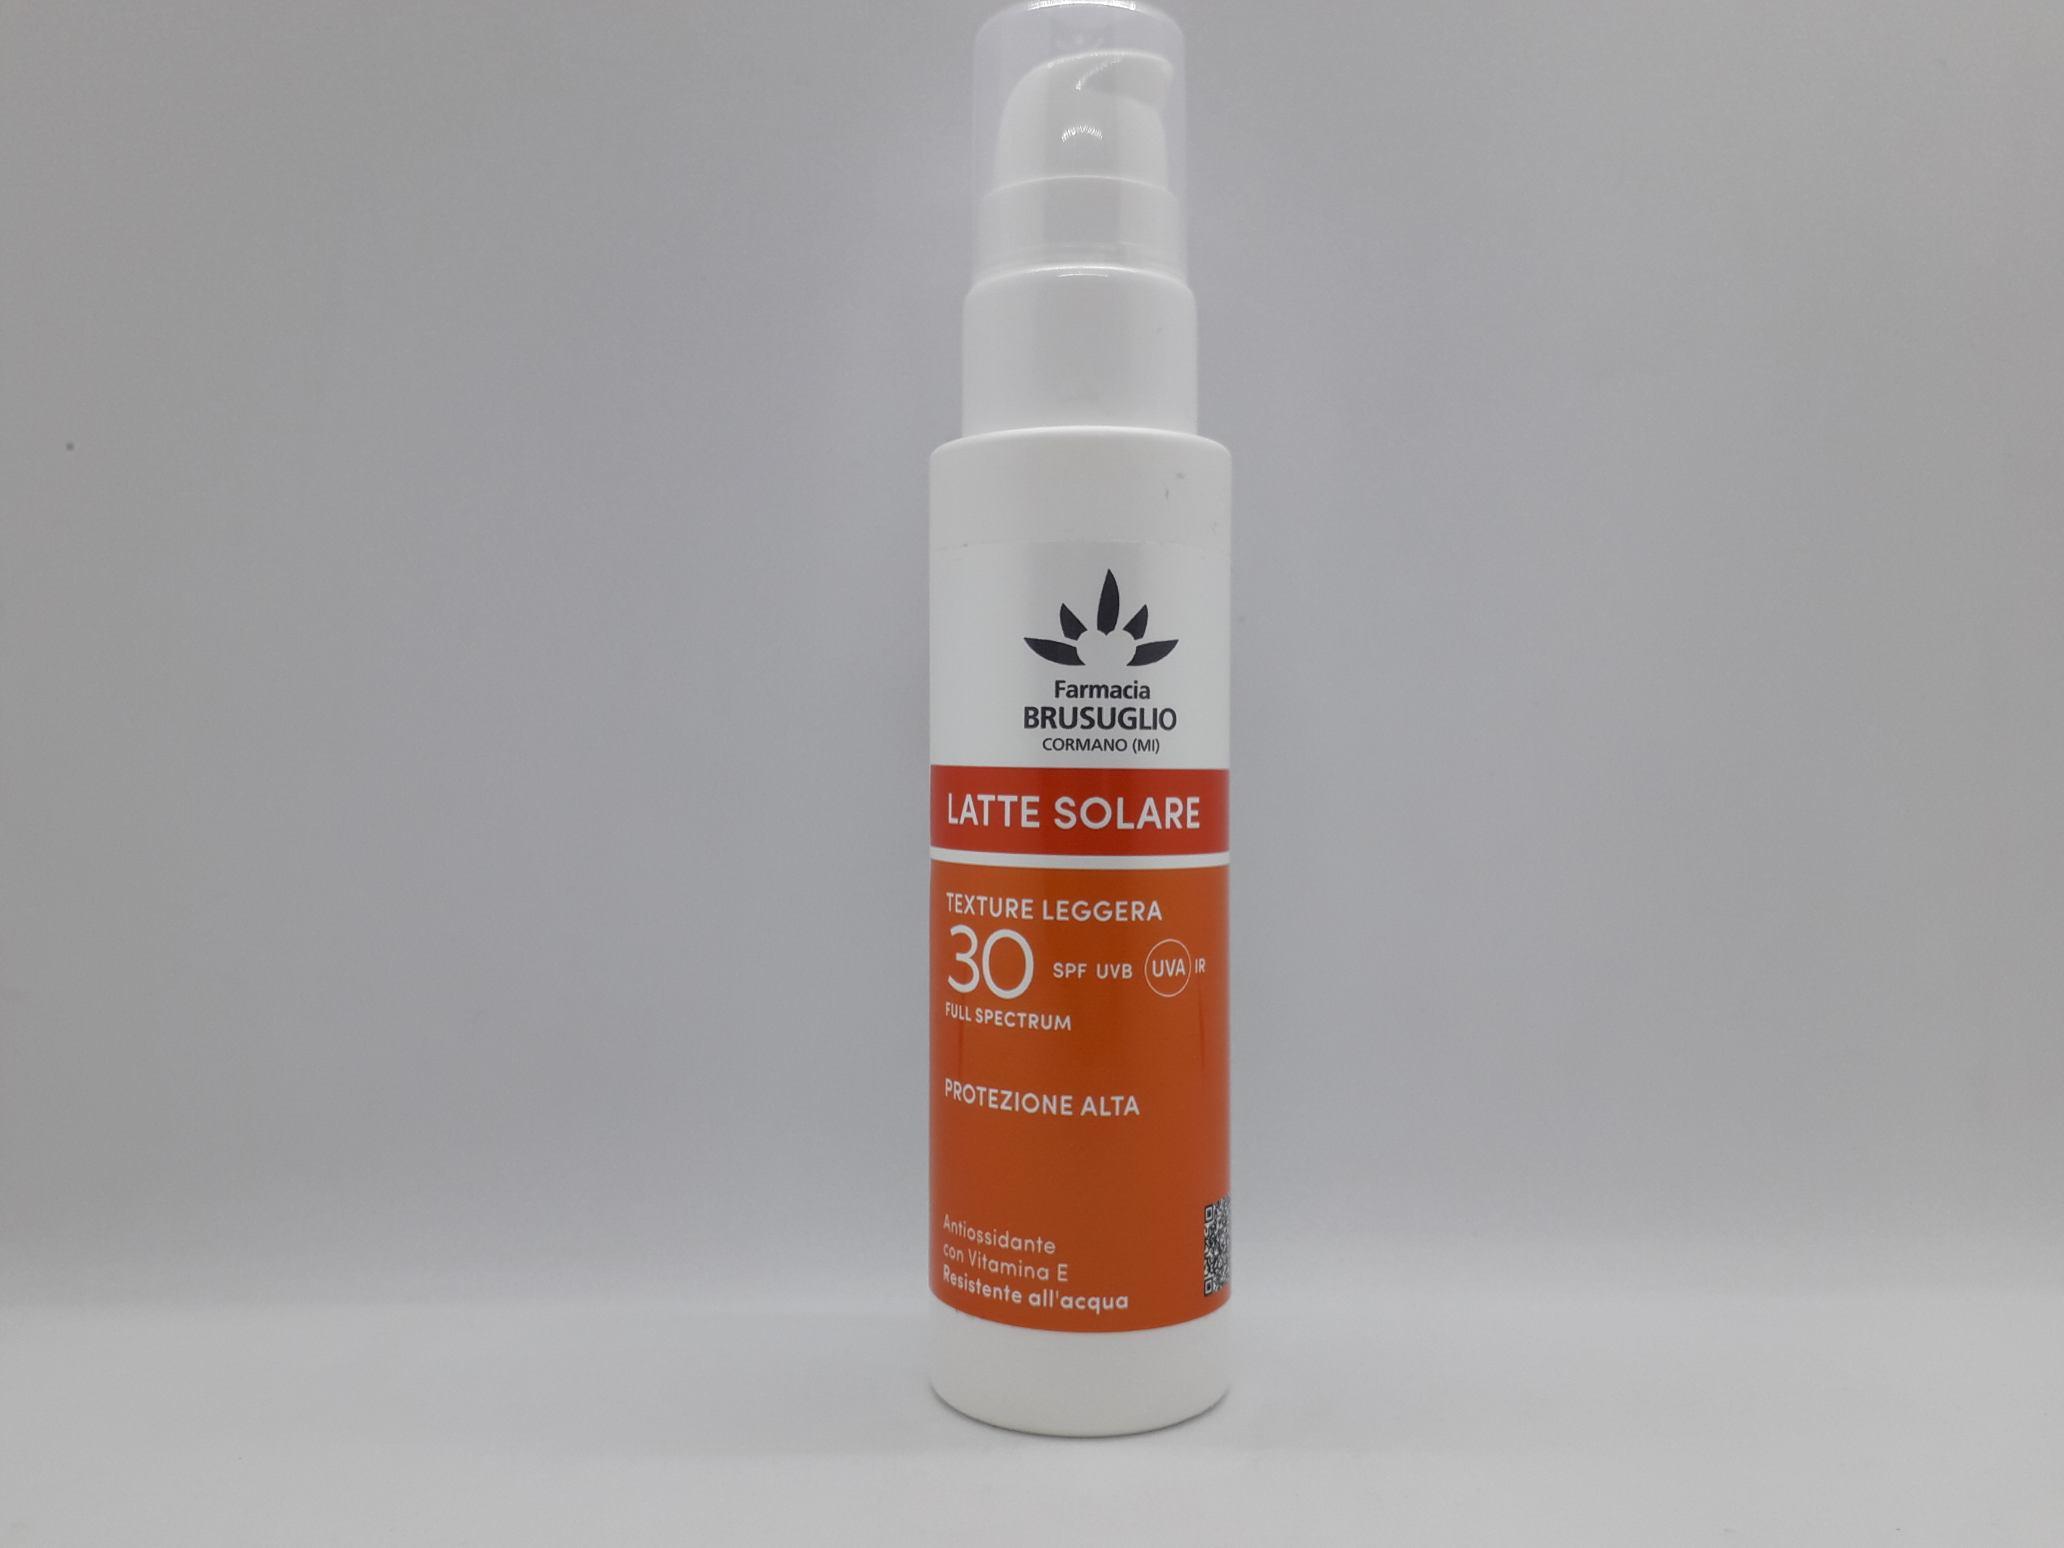 LFP SOL LATTE CORPO SPF 30 50 ML - Farmaciaempatica.it